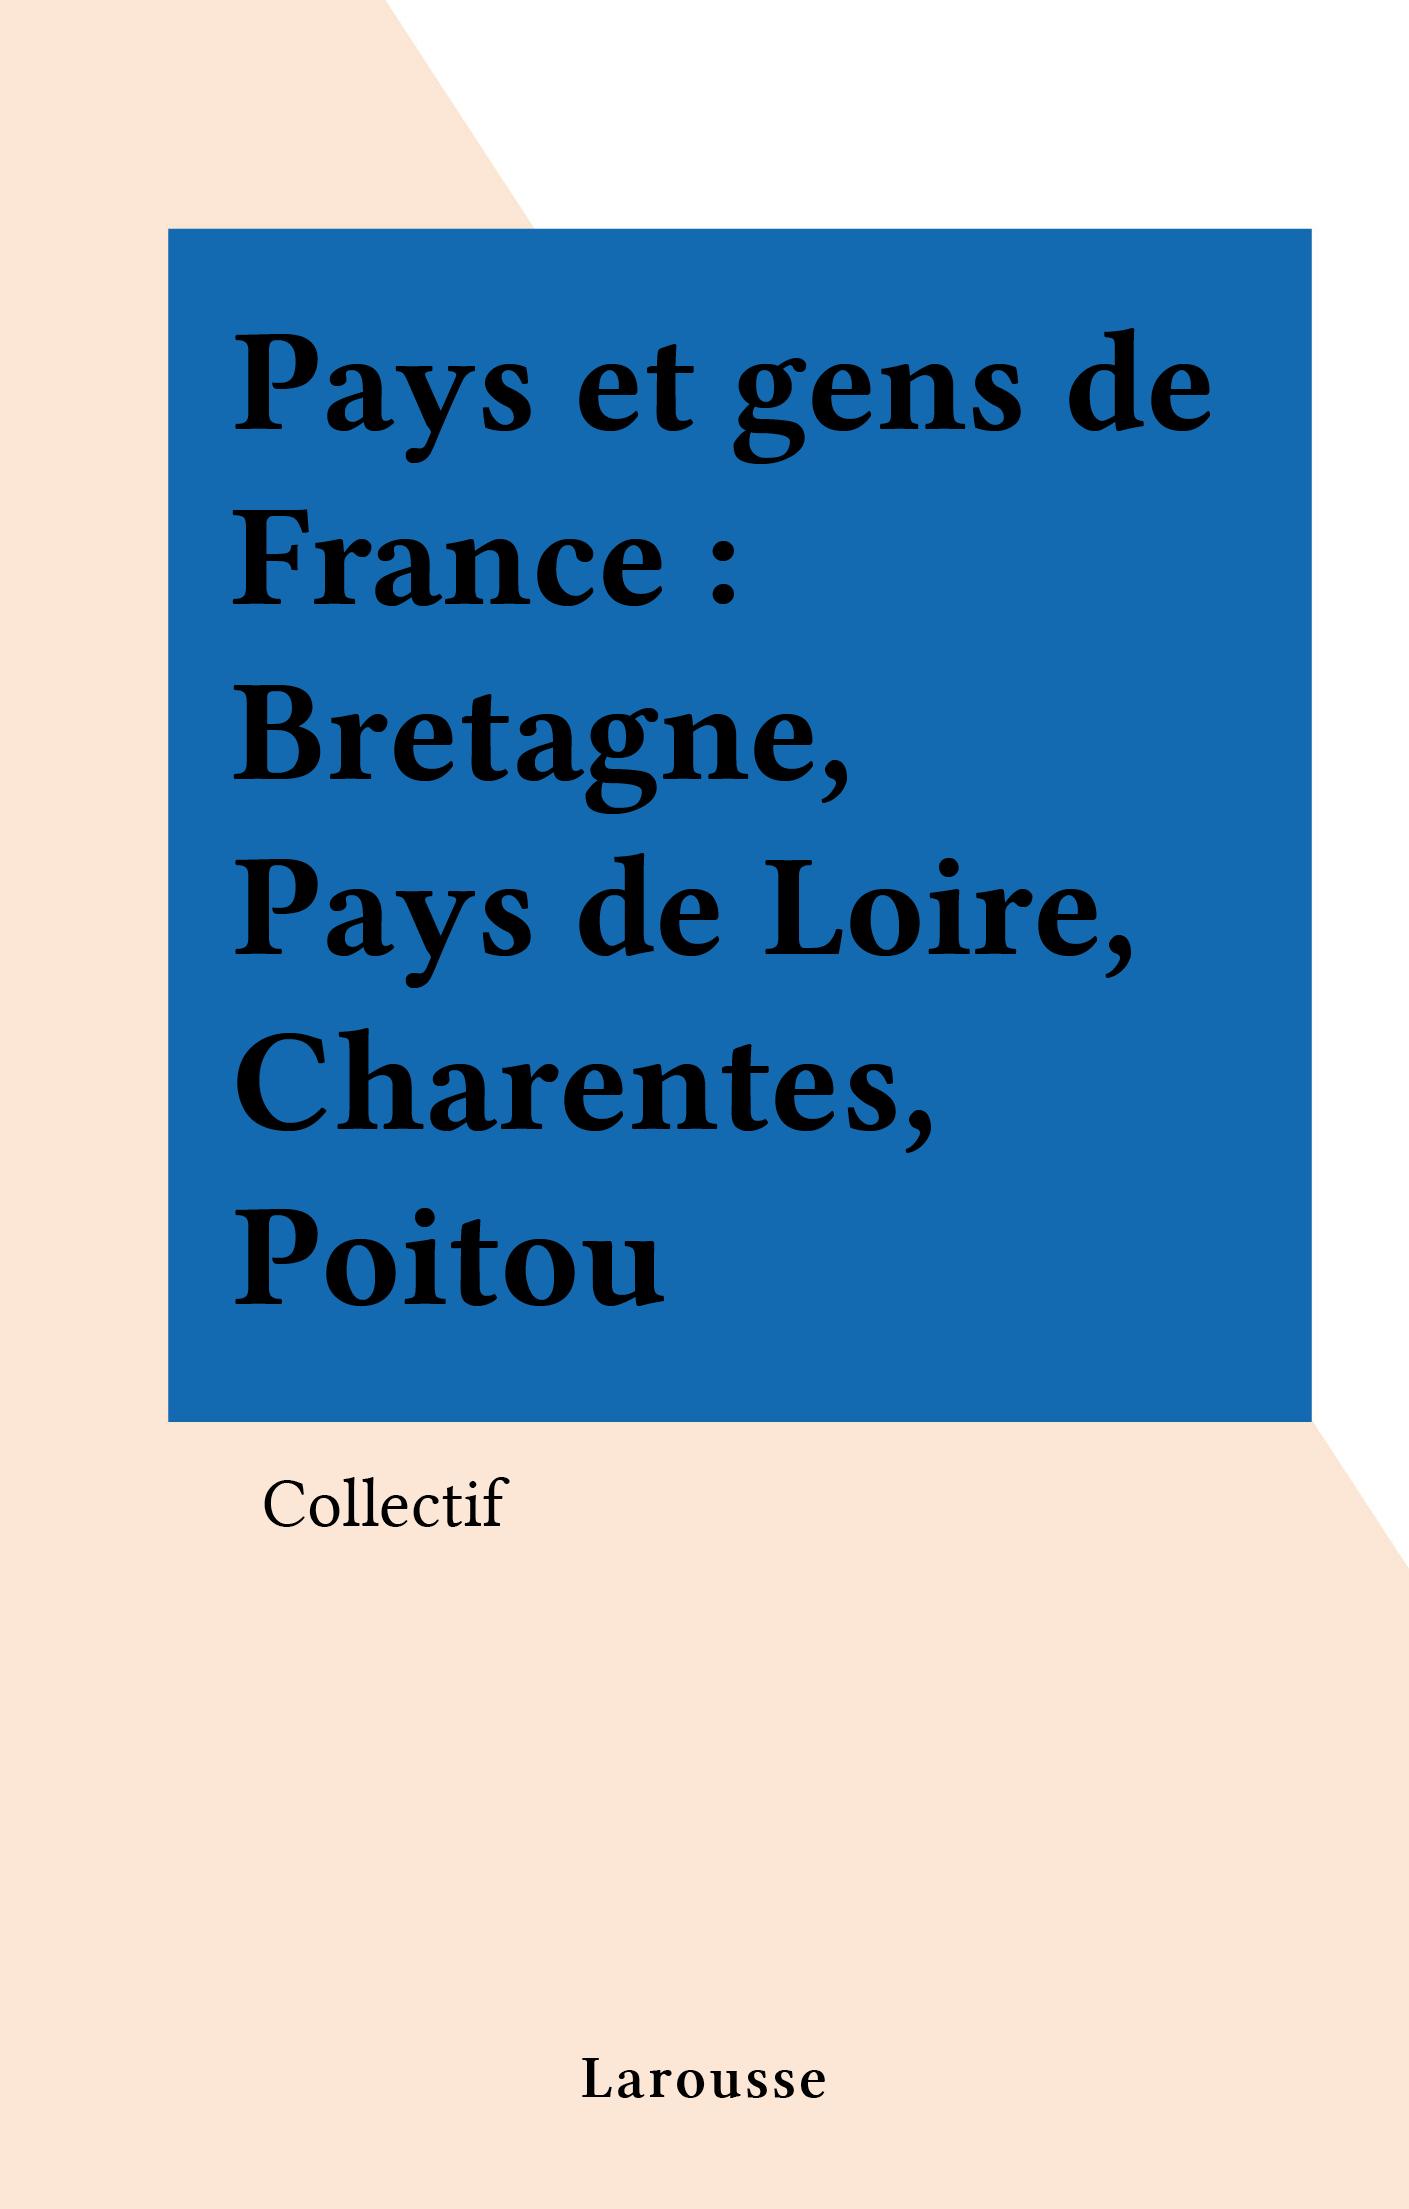 Pays et gens de France : Bretagne, Pays de Loire, Charentes, Poitou